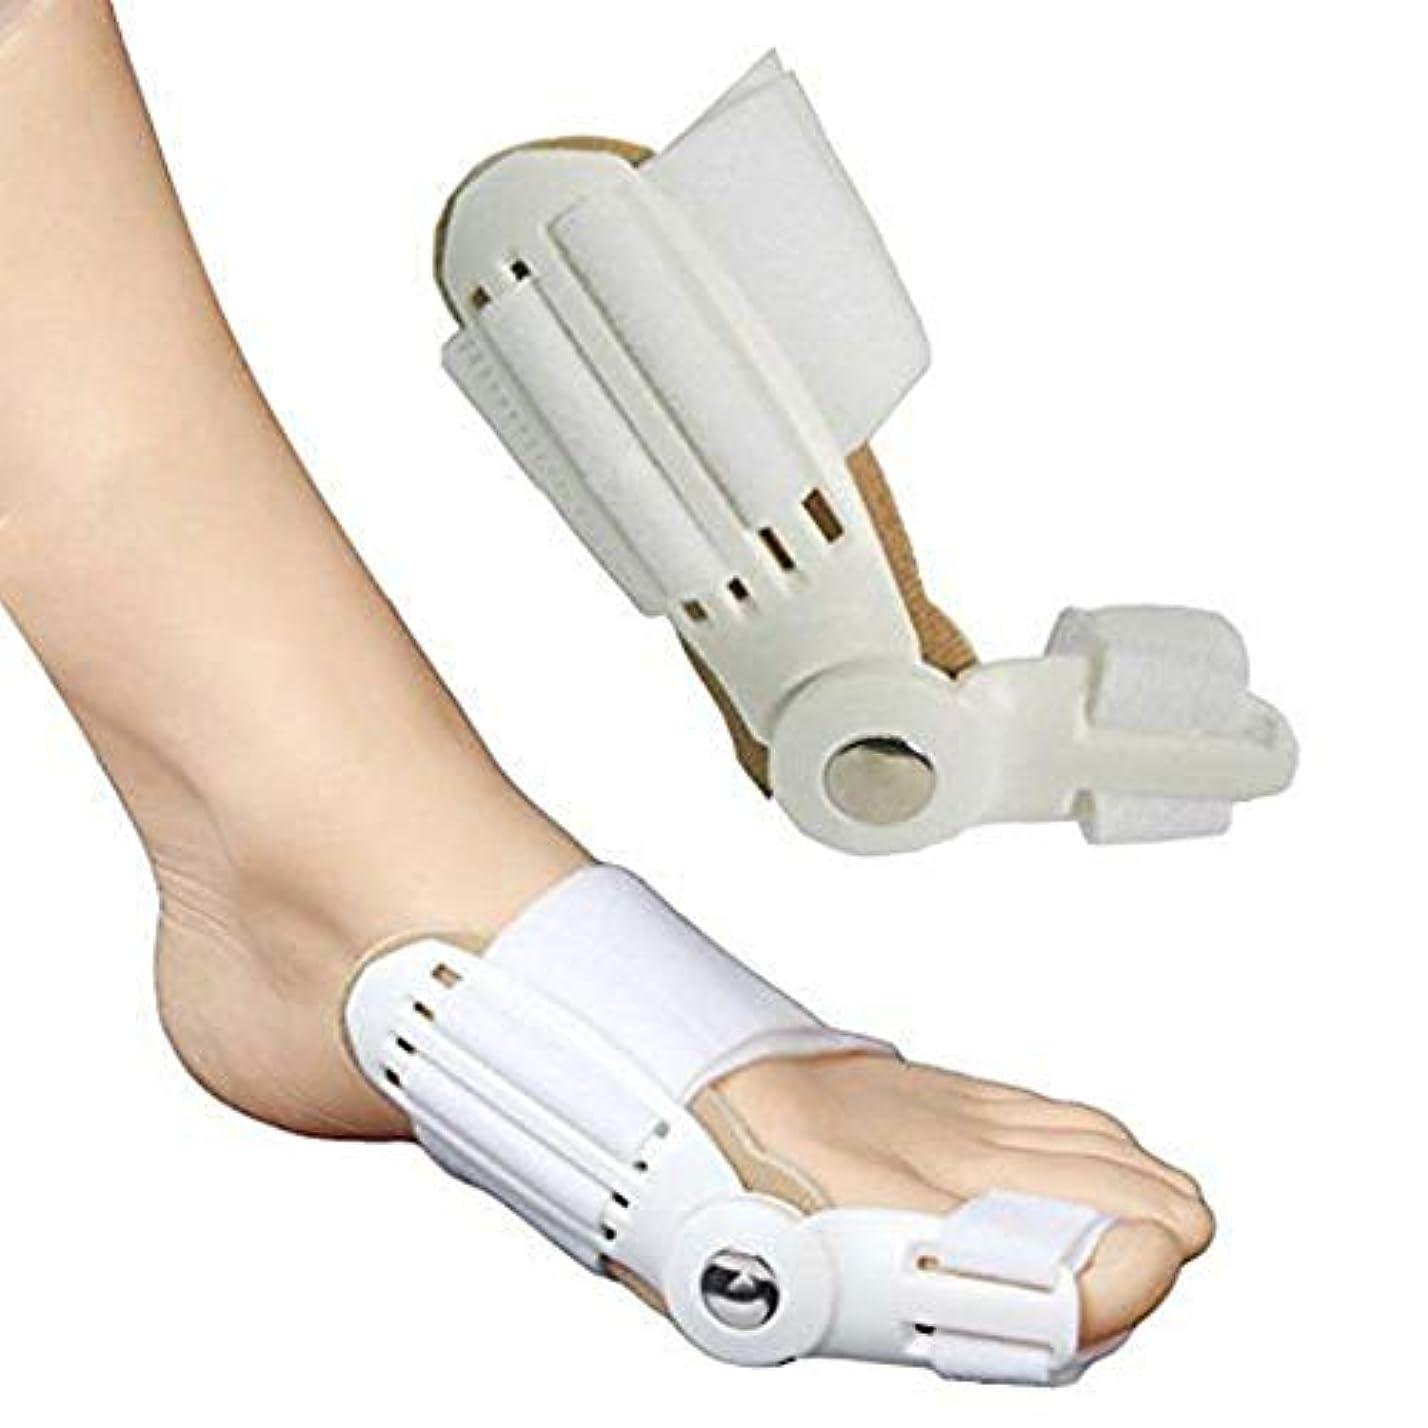 アダルトコンピューター組4個Hallux外反矯正器具、つま先調整器、親指親指外反、つま先セパレーター、矯正ベルトナイト、シングルつま先蝶番付き腱膜サポート